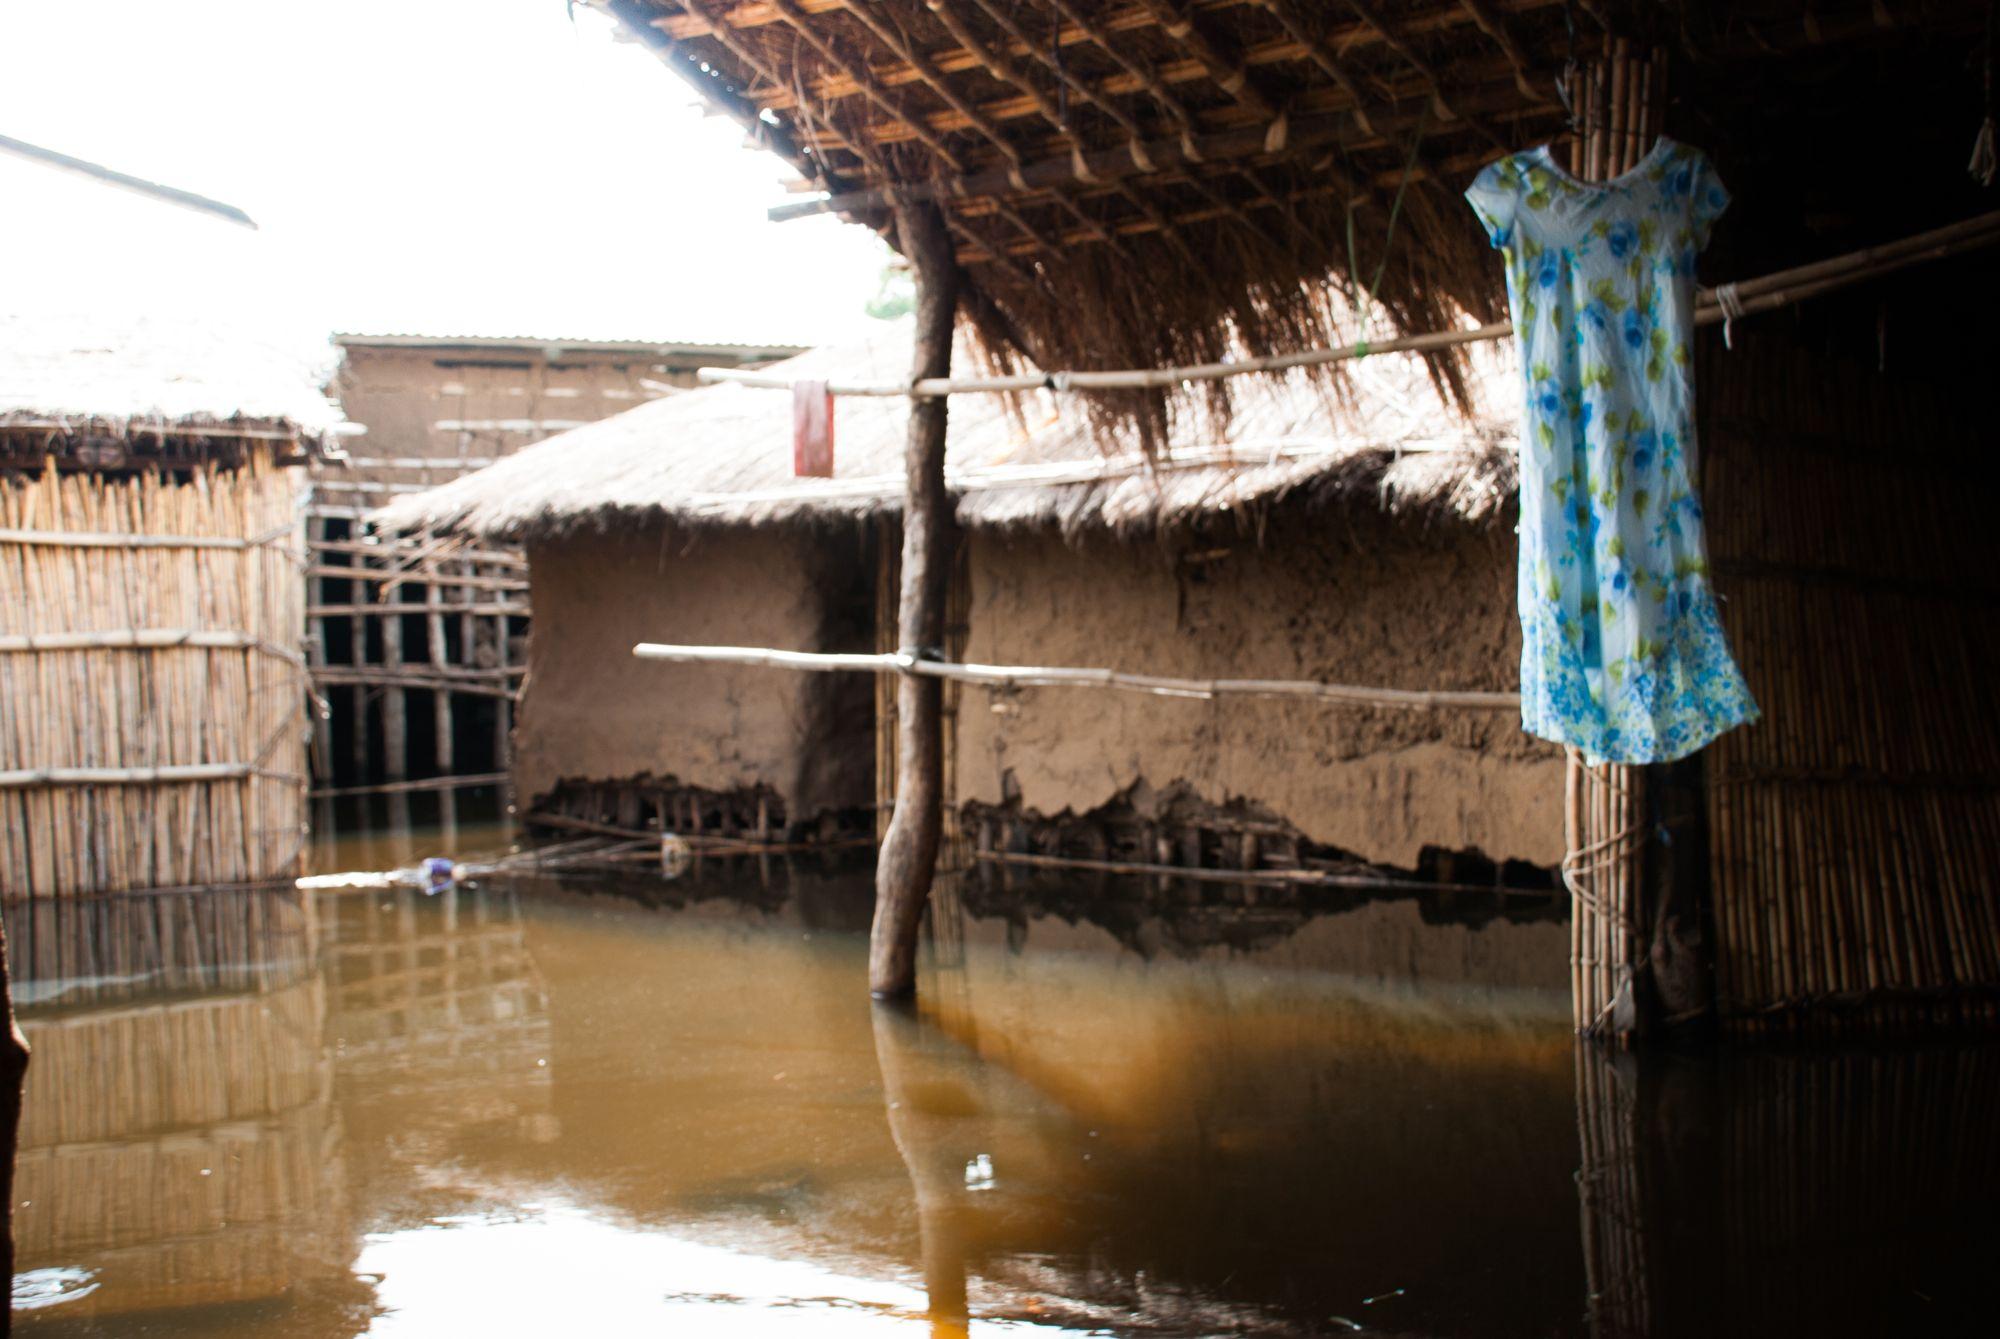 Vannet gikk inn i hus og langshusvegger. Det førte også med seg krokodiller og krokkodilleangrep. Man var ikke trygg noe sted.